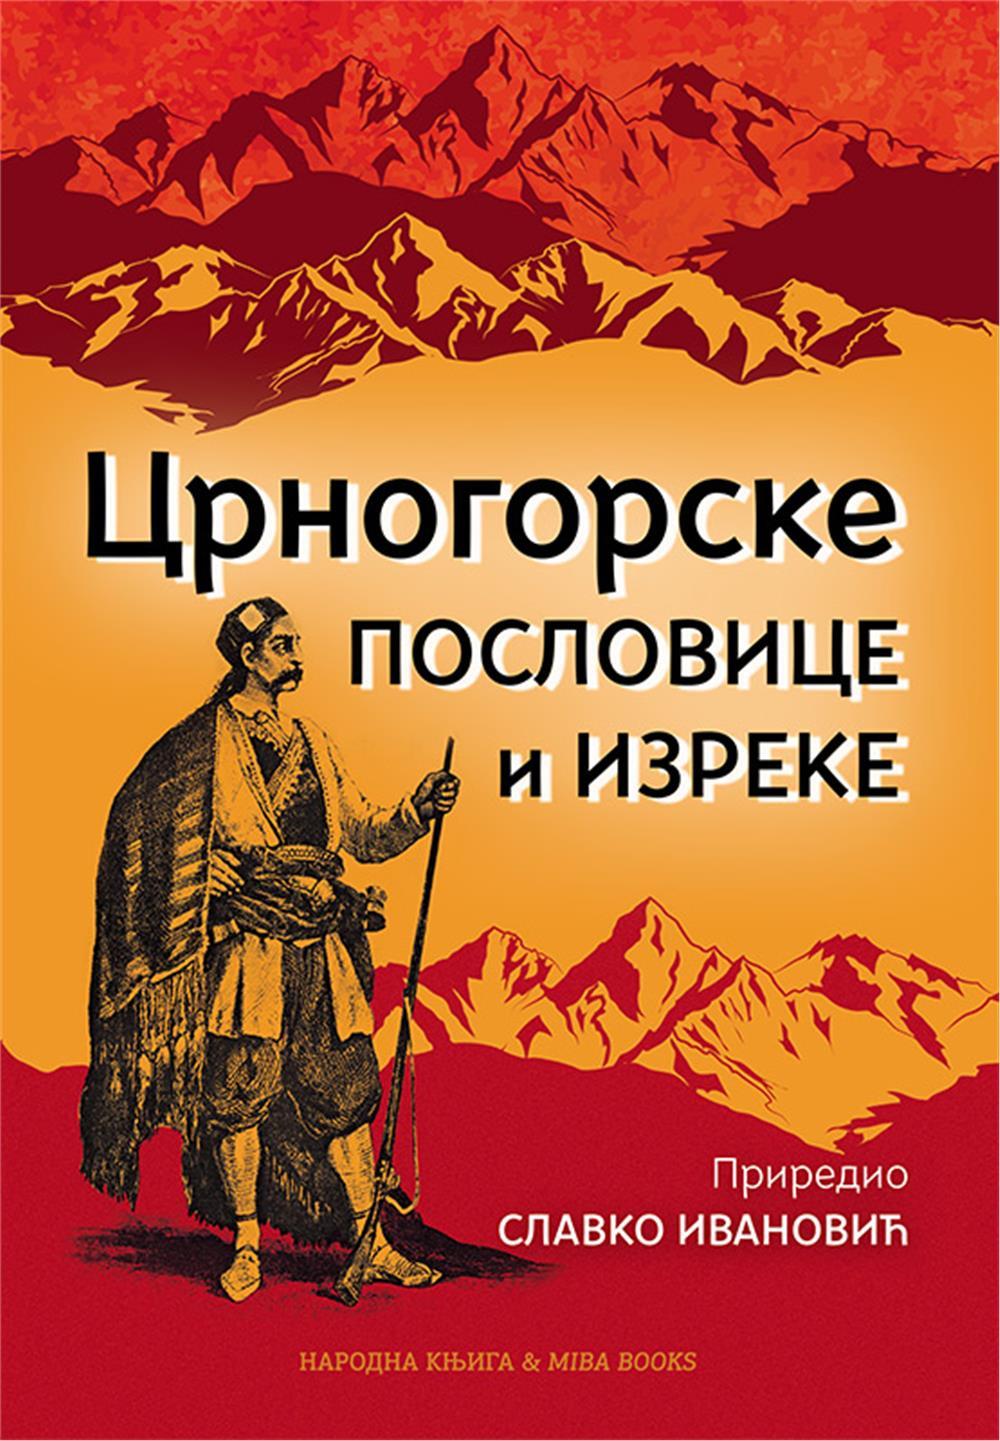 Crnogorske poslovice i izreke - Slavko Ivanović - Online